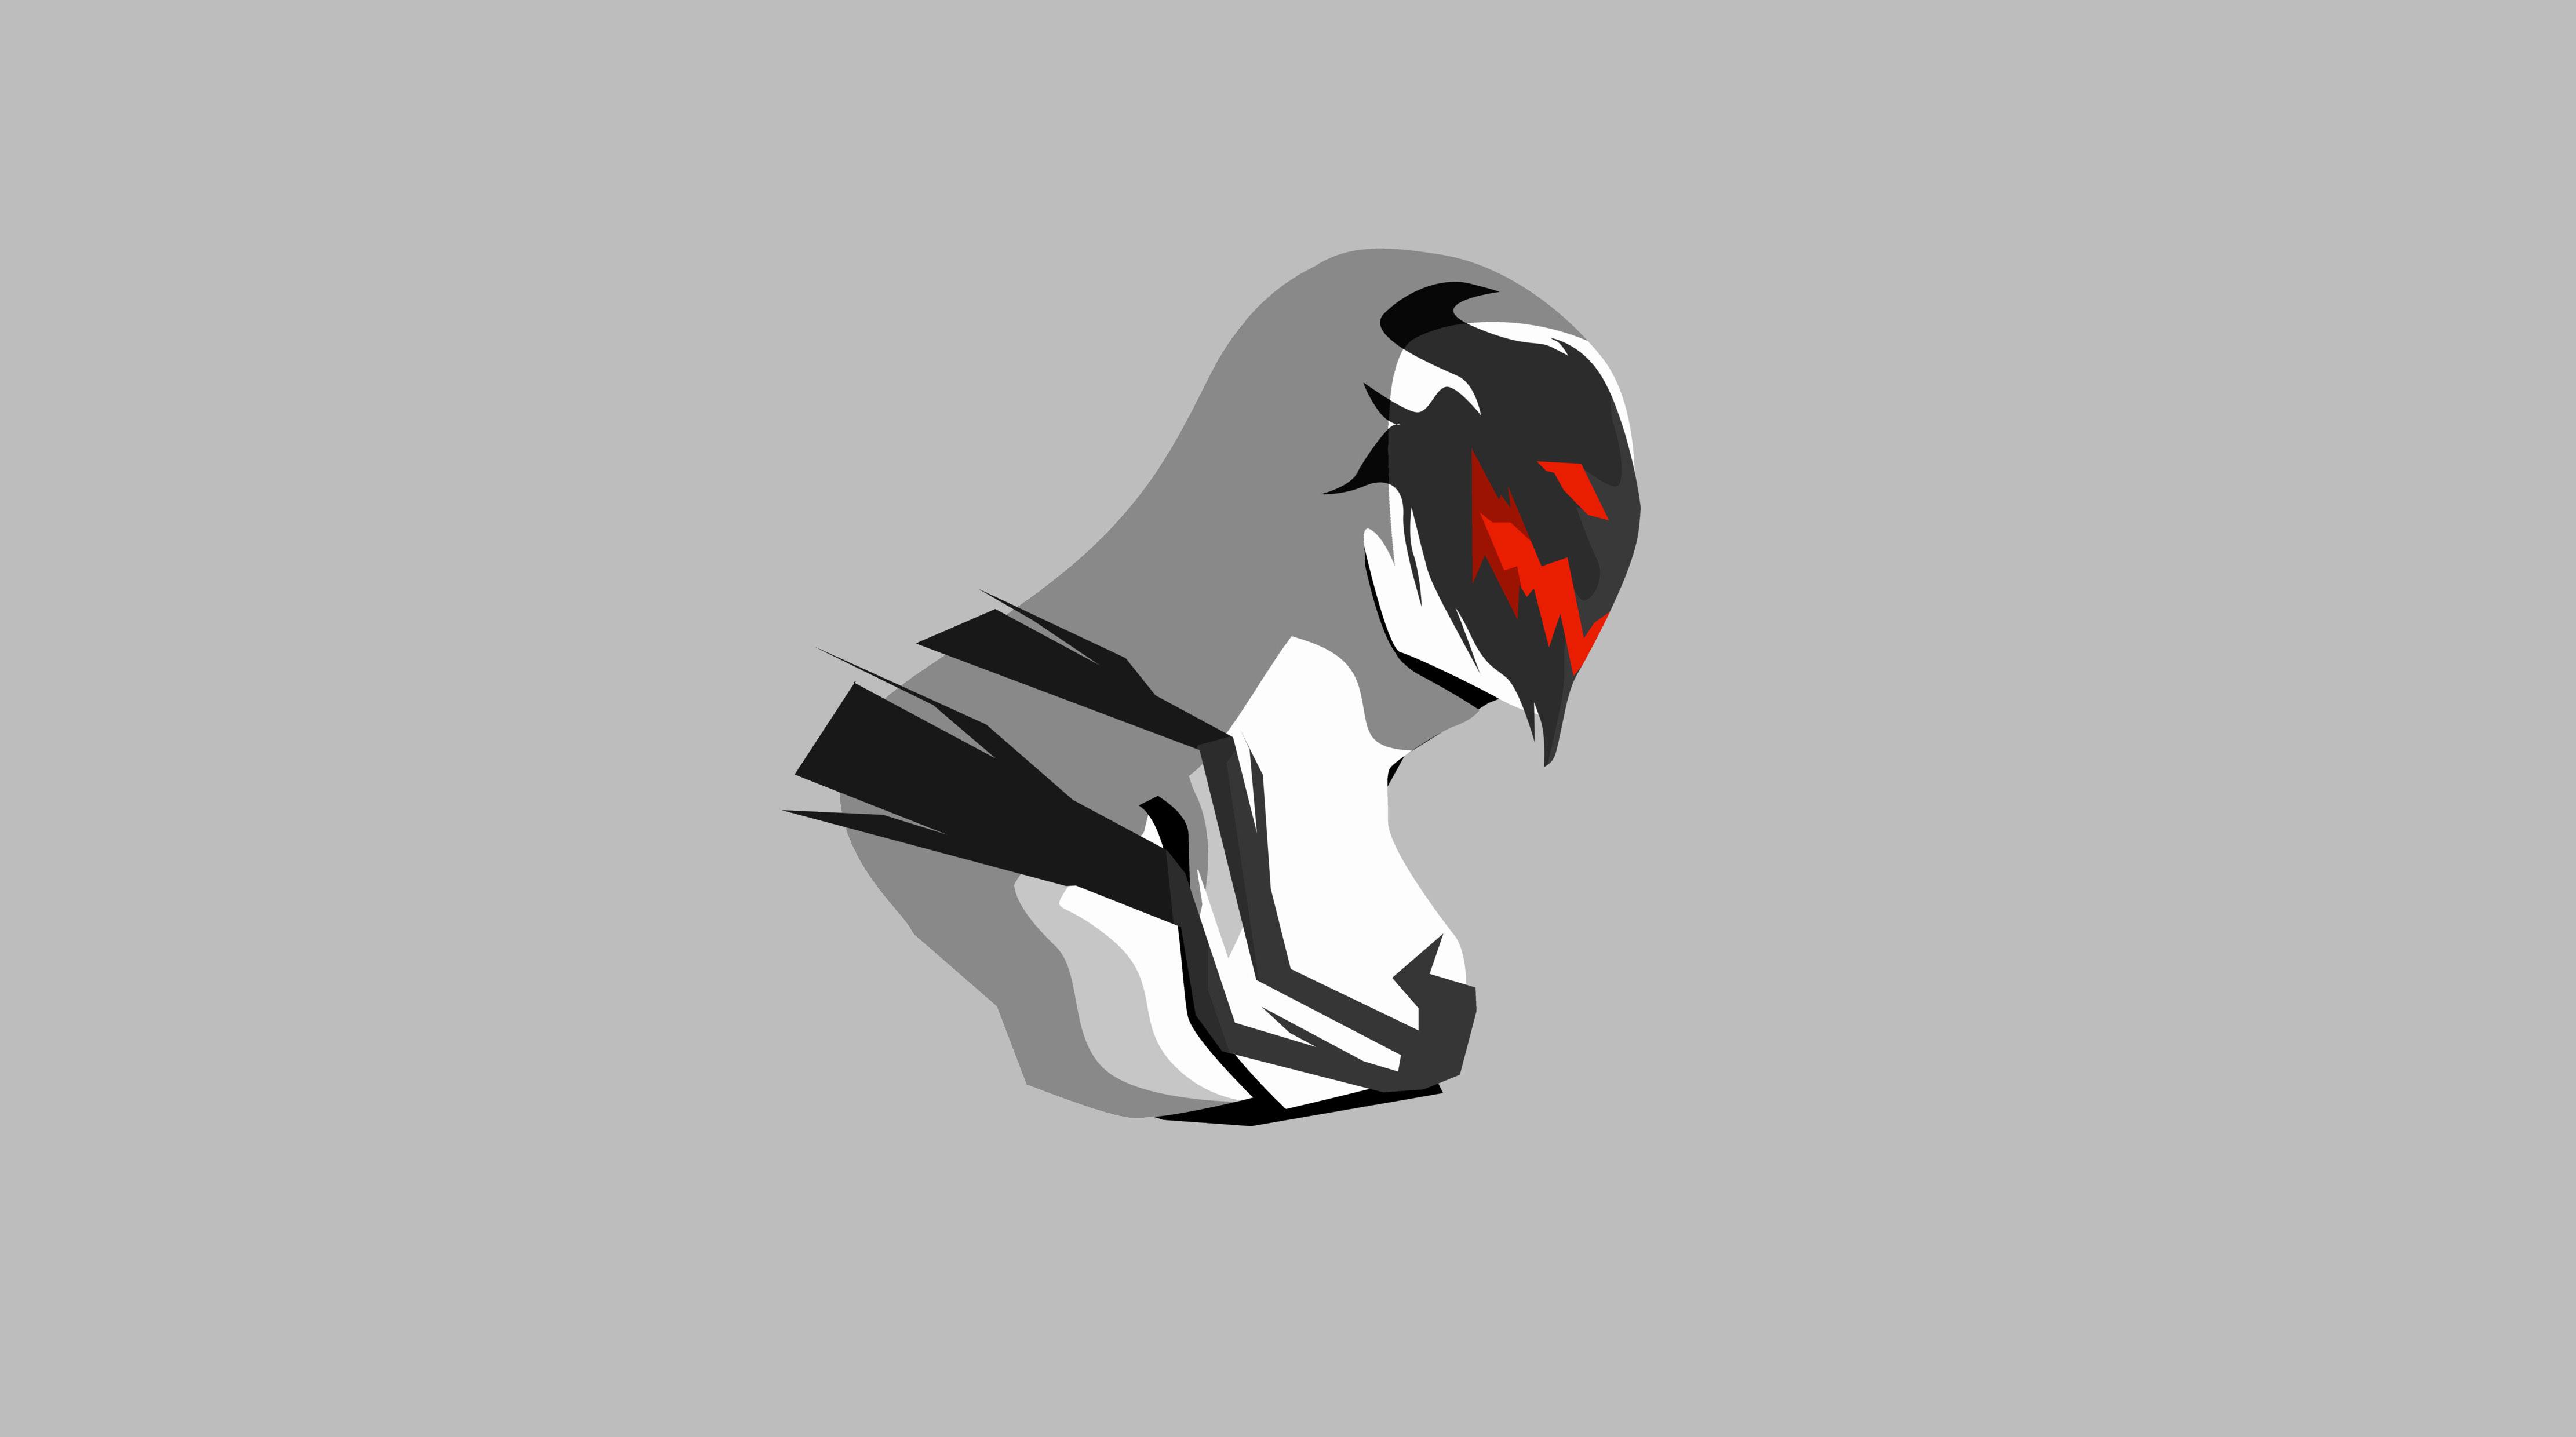 Venom Minimal 4k Hd Superheroes 4k Wallpapers Images